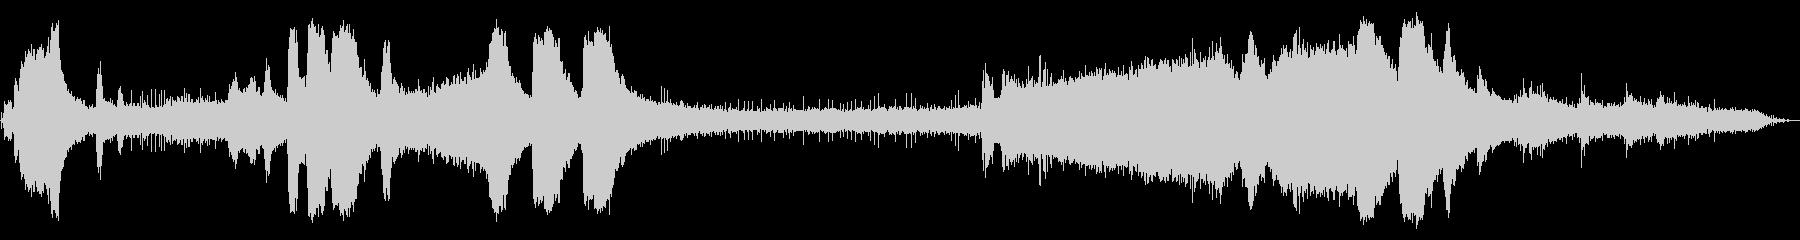 ガスチェーンソー:開始、回転数でア...の未再生の波形